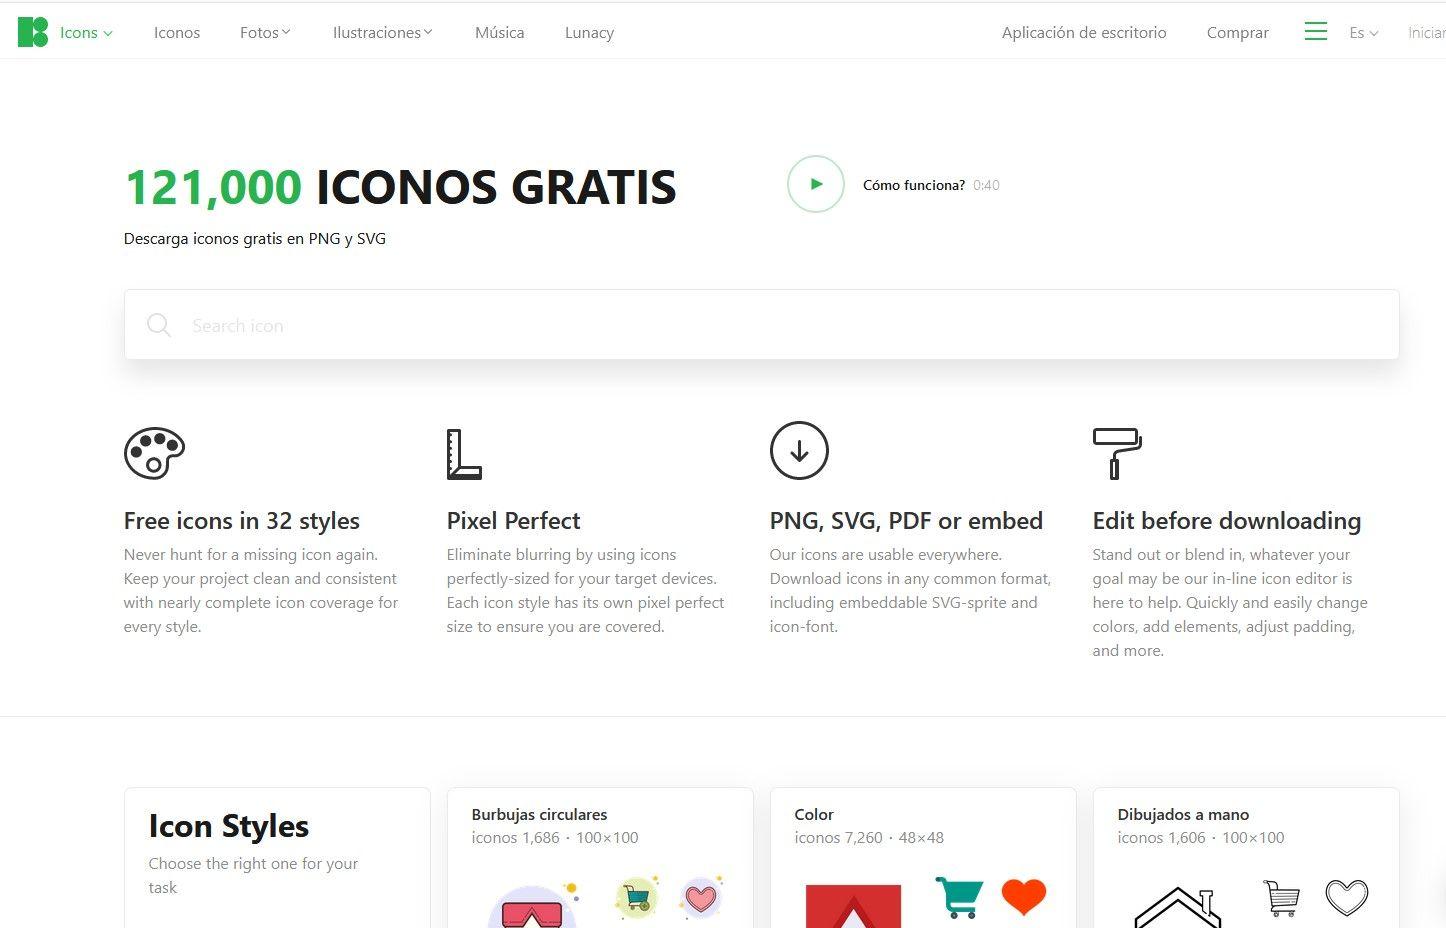 descargar_iconos_gratis_Iconos8